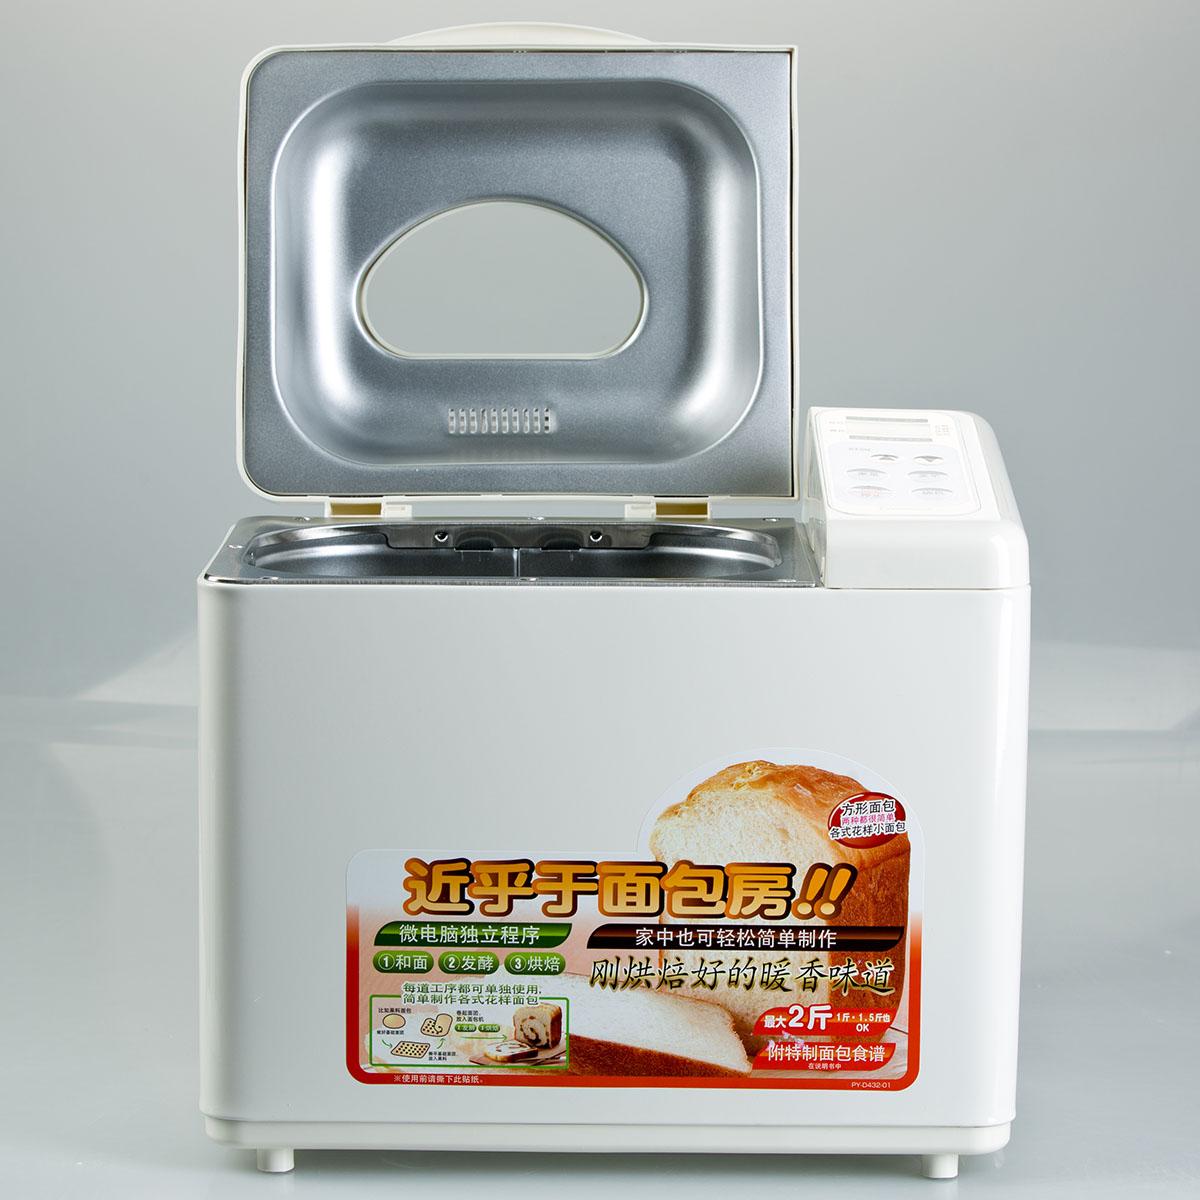 日本双鸟PY-D435Z家用智能全自动面包机和面搅拌发酵加热大容量